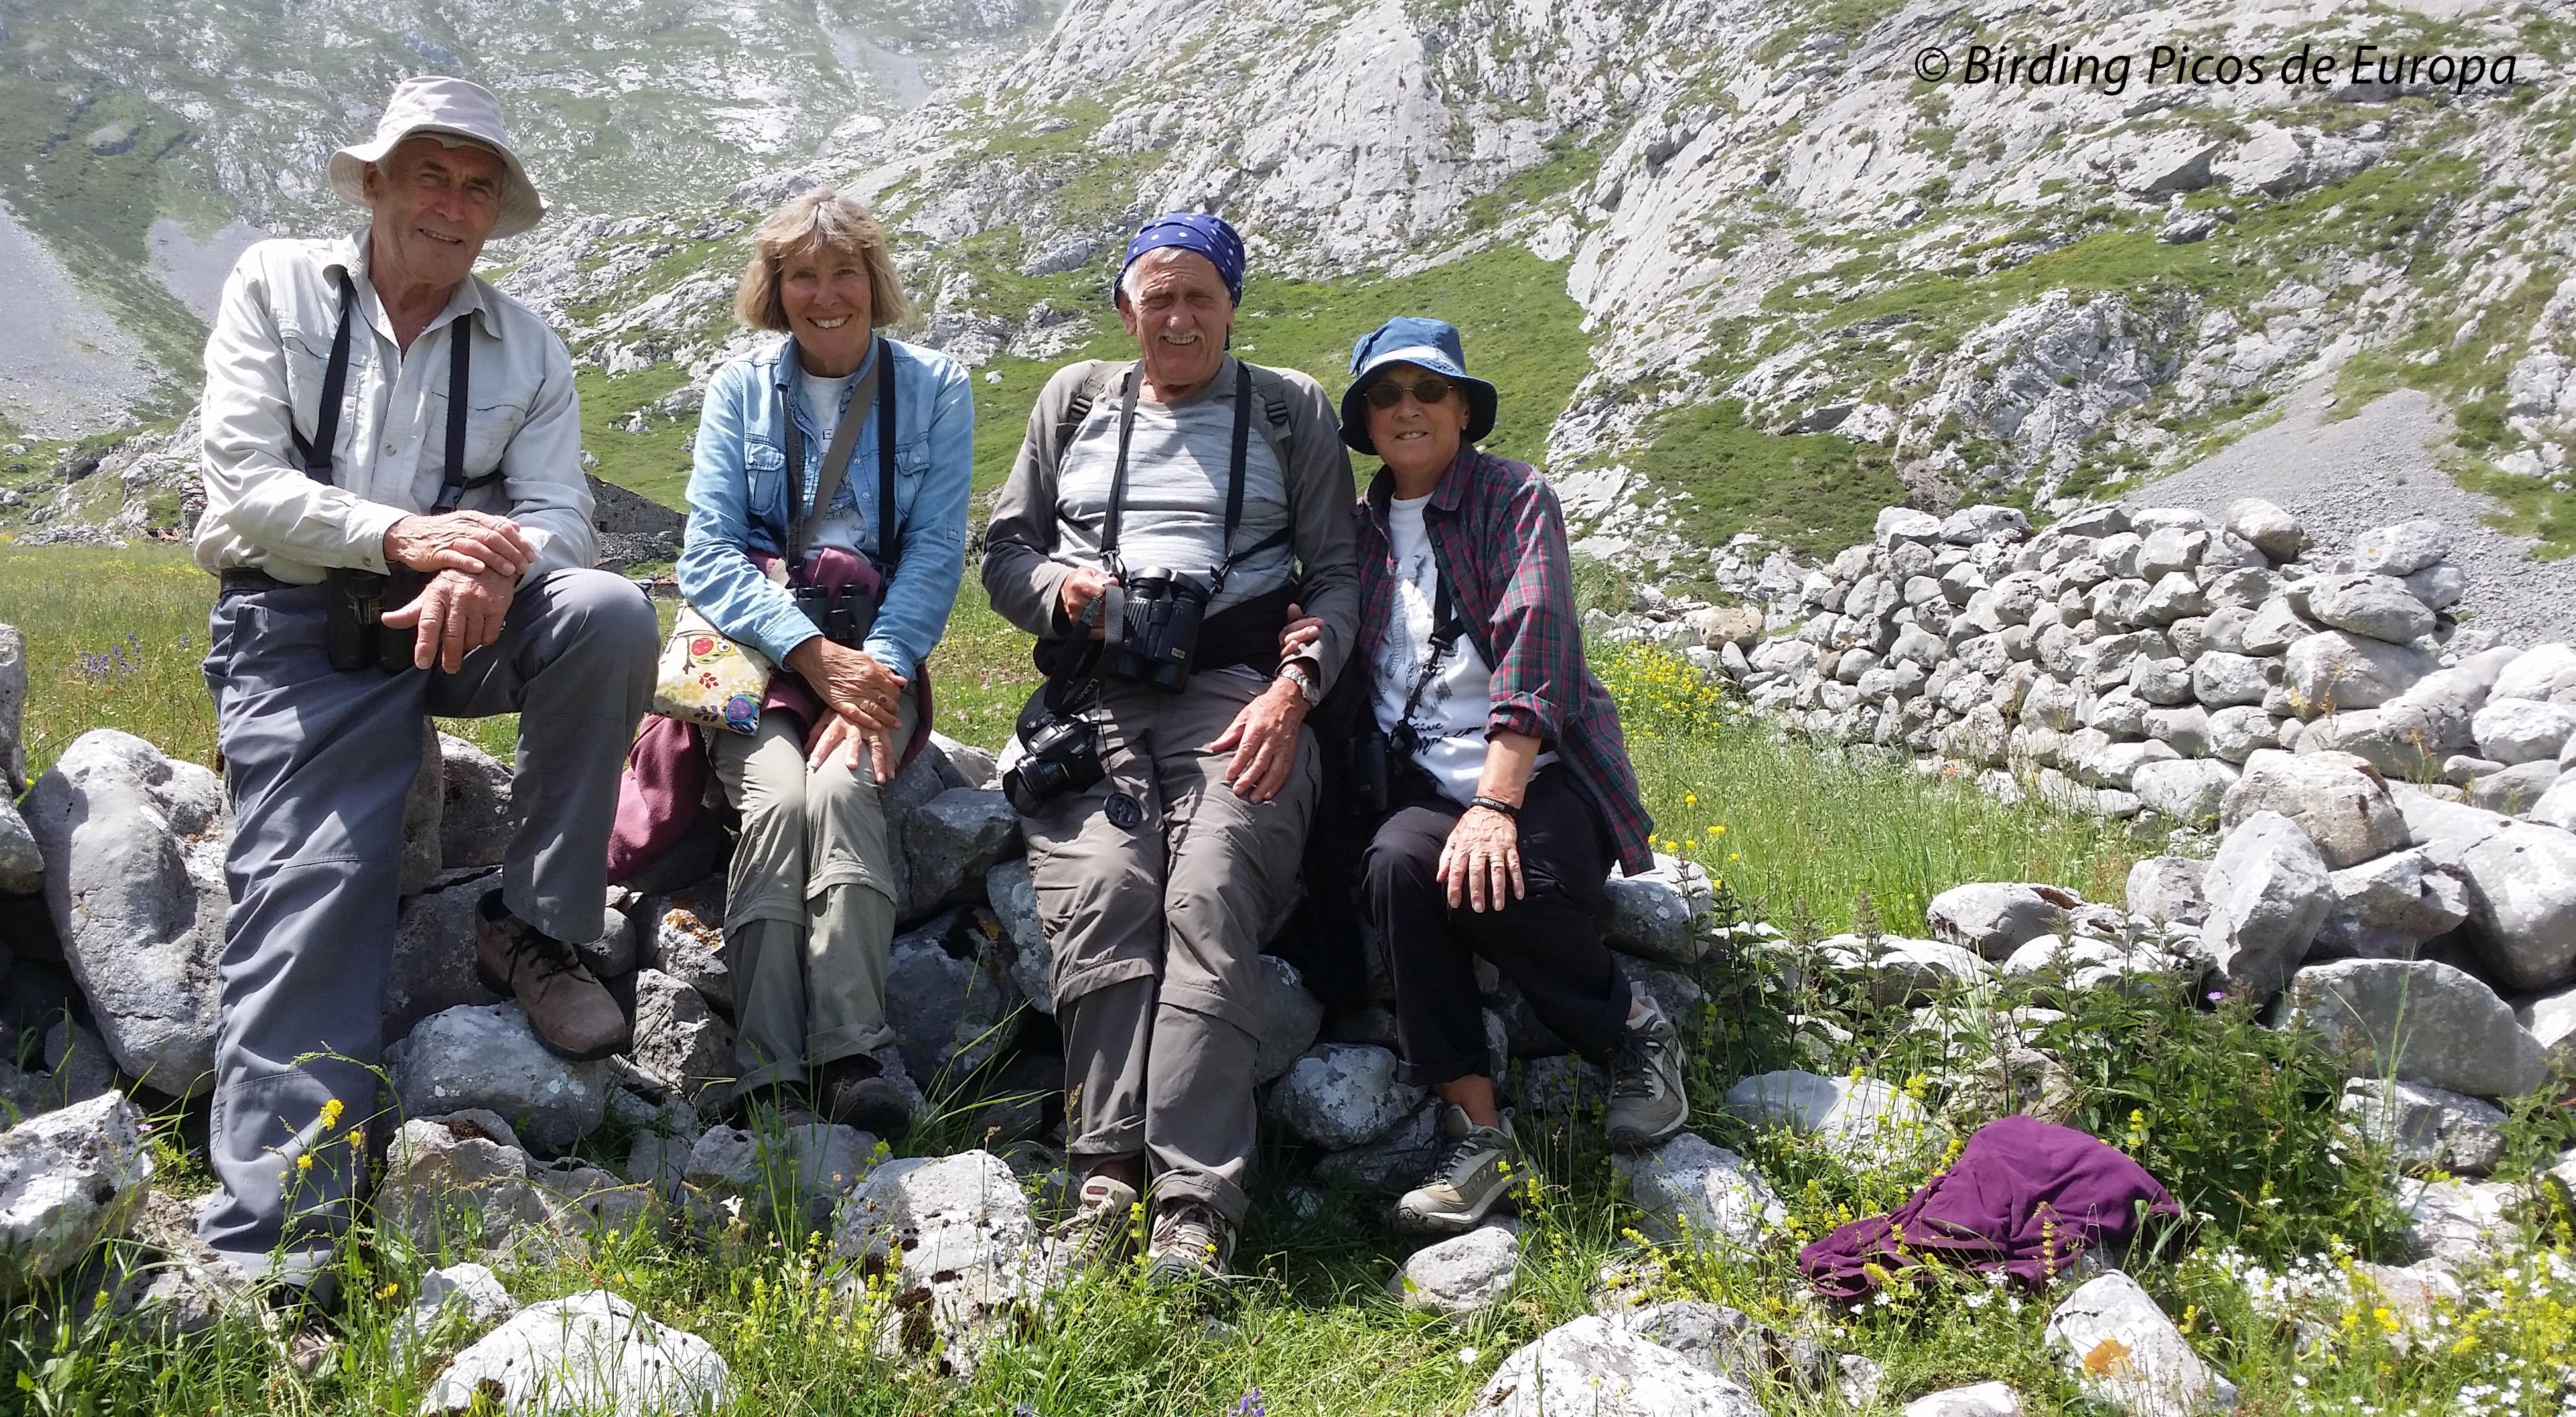 Escapada Ornitológica al Parque Nacional de los Picos de Europa